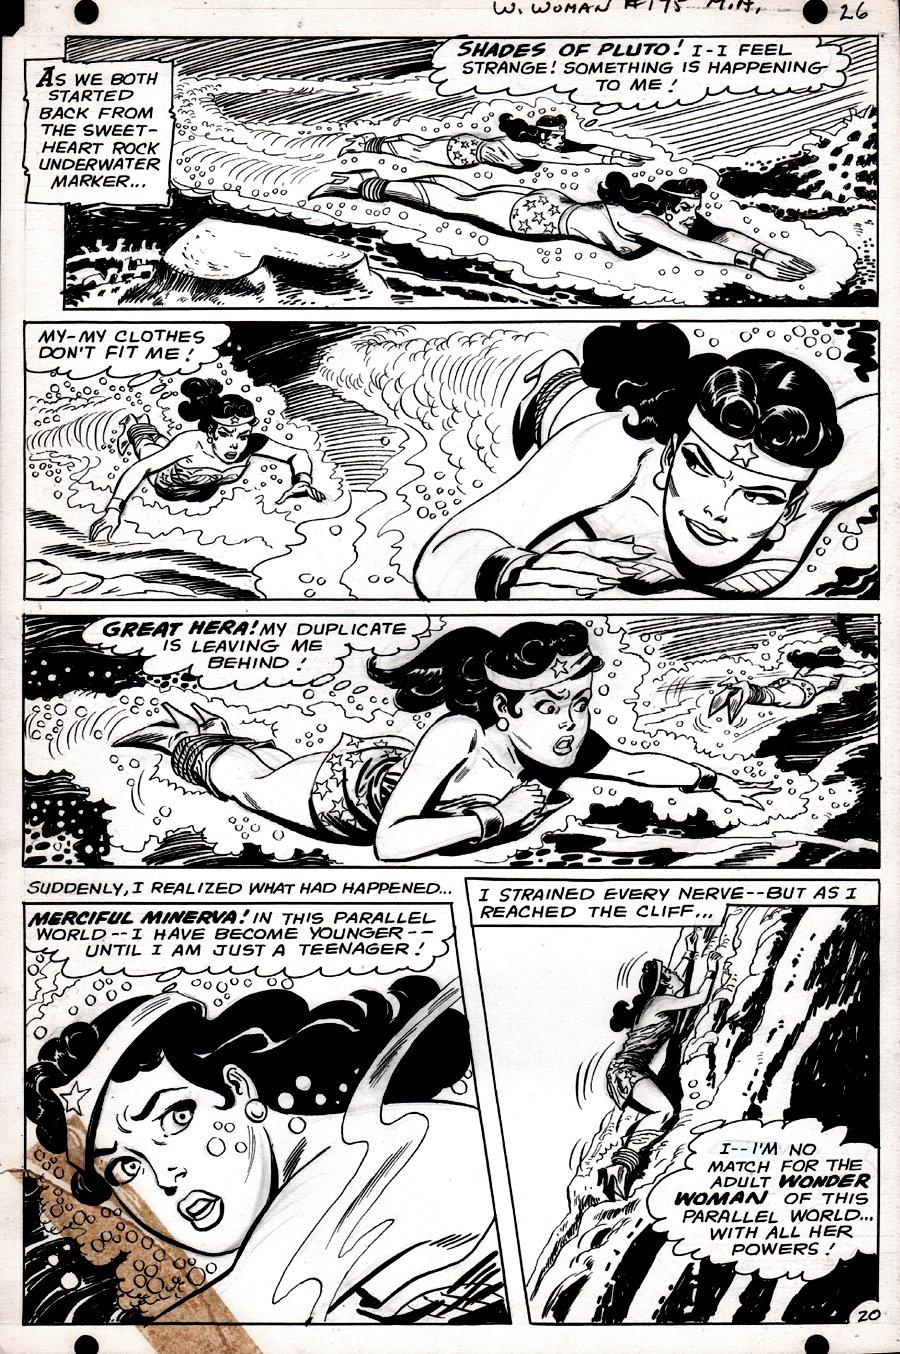 Wonder Woman #175 p 20 (SILVER AGE, WONDER WOMAN BATTLES WONDER WOMAN!) 1967